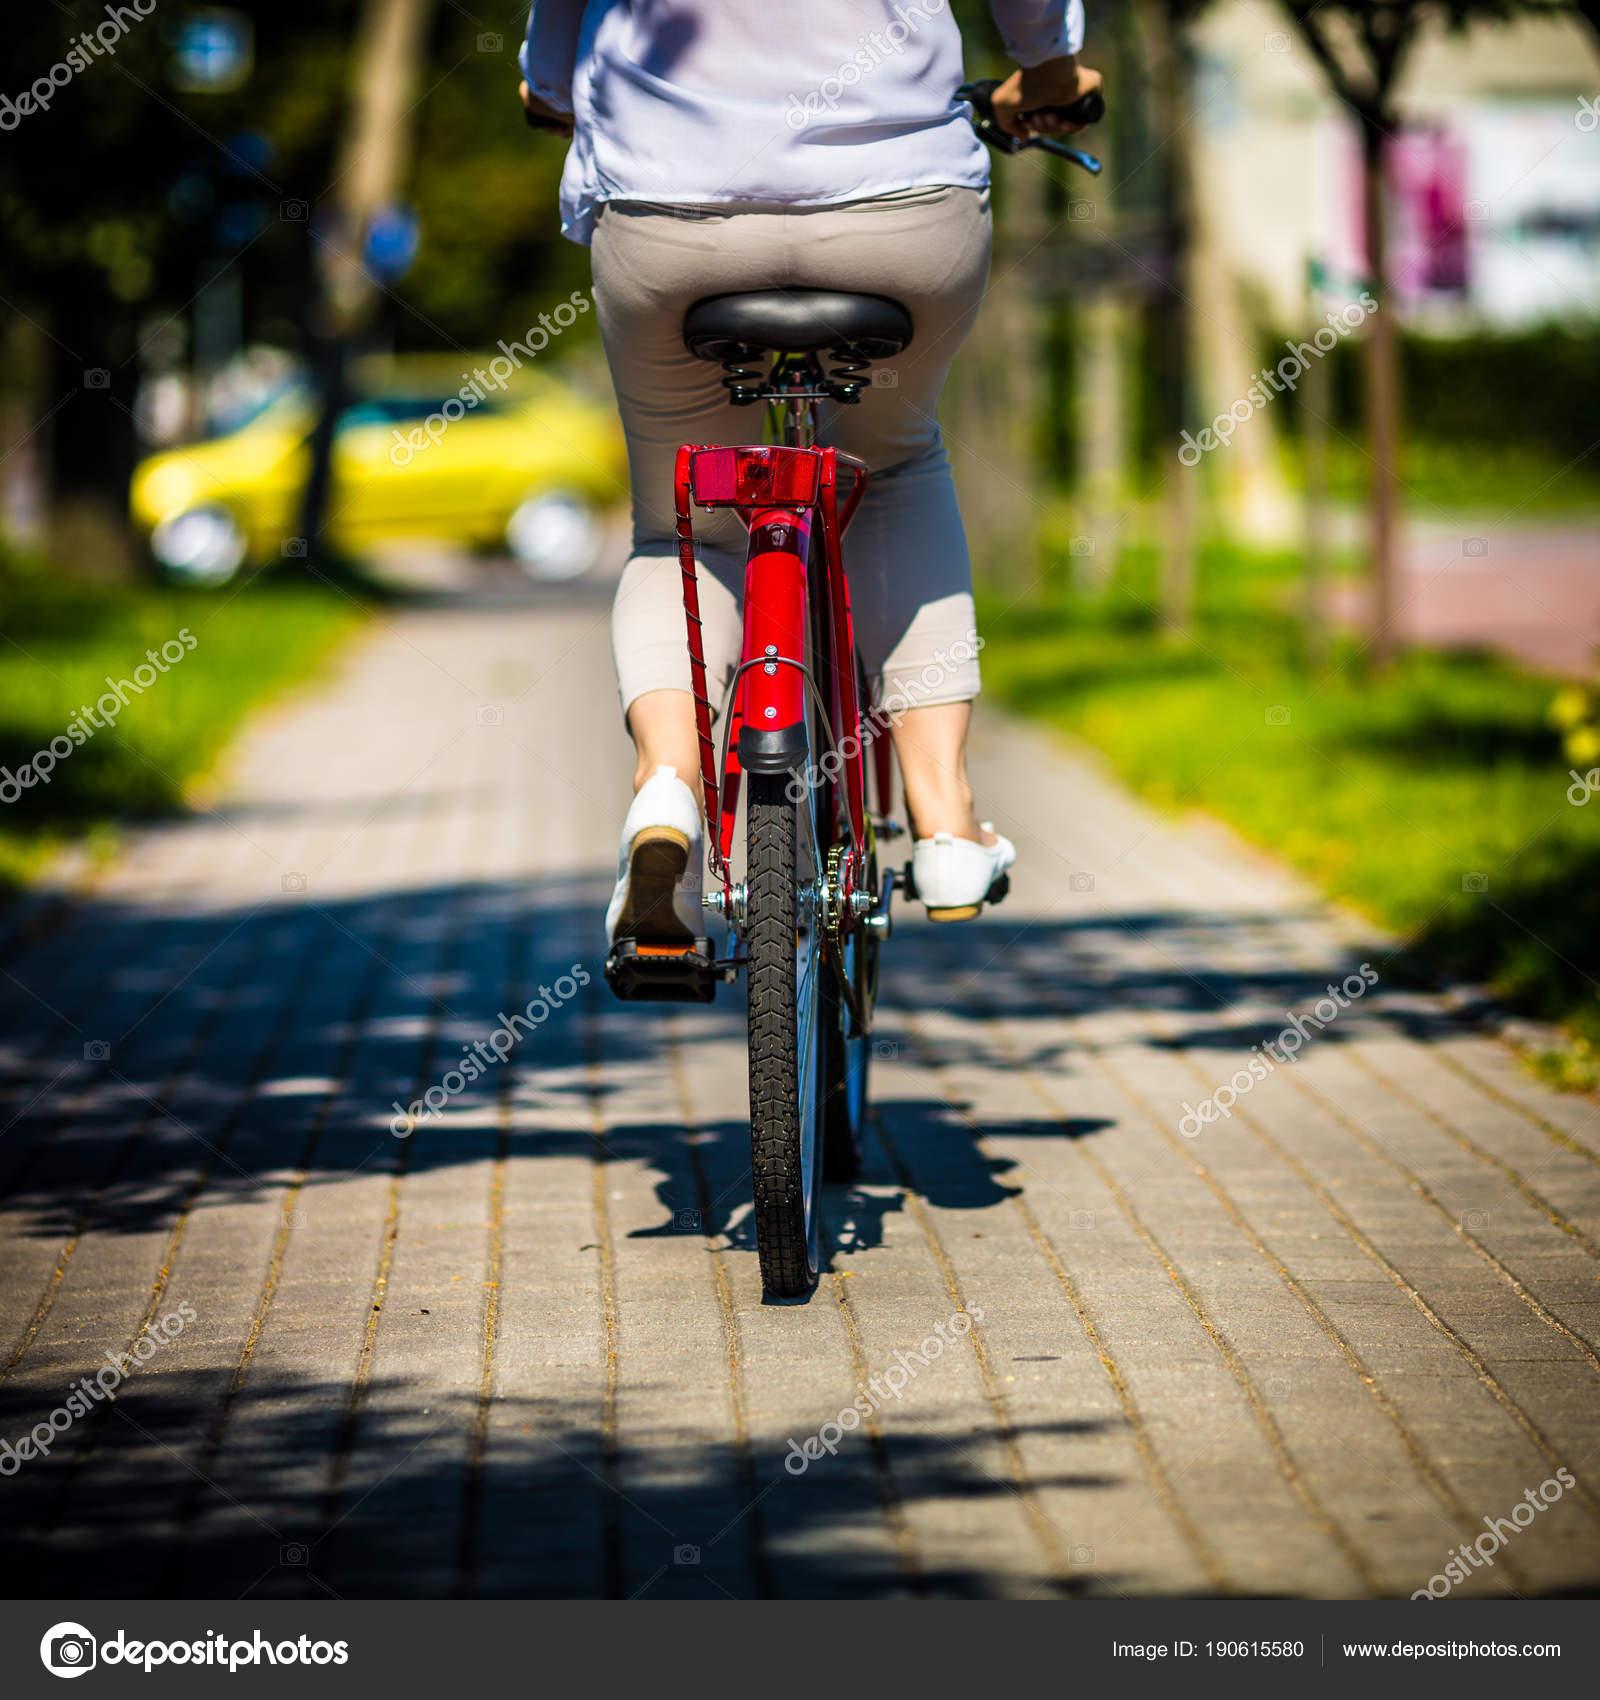 Donne Bicicletta Città Foto Stock Gbh007 190615580